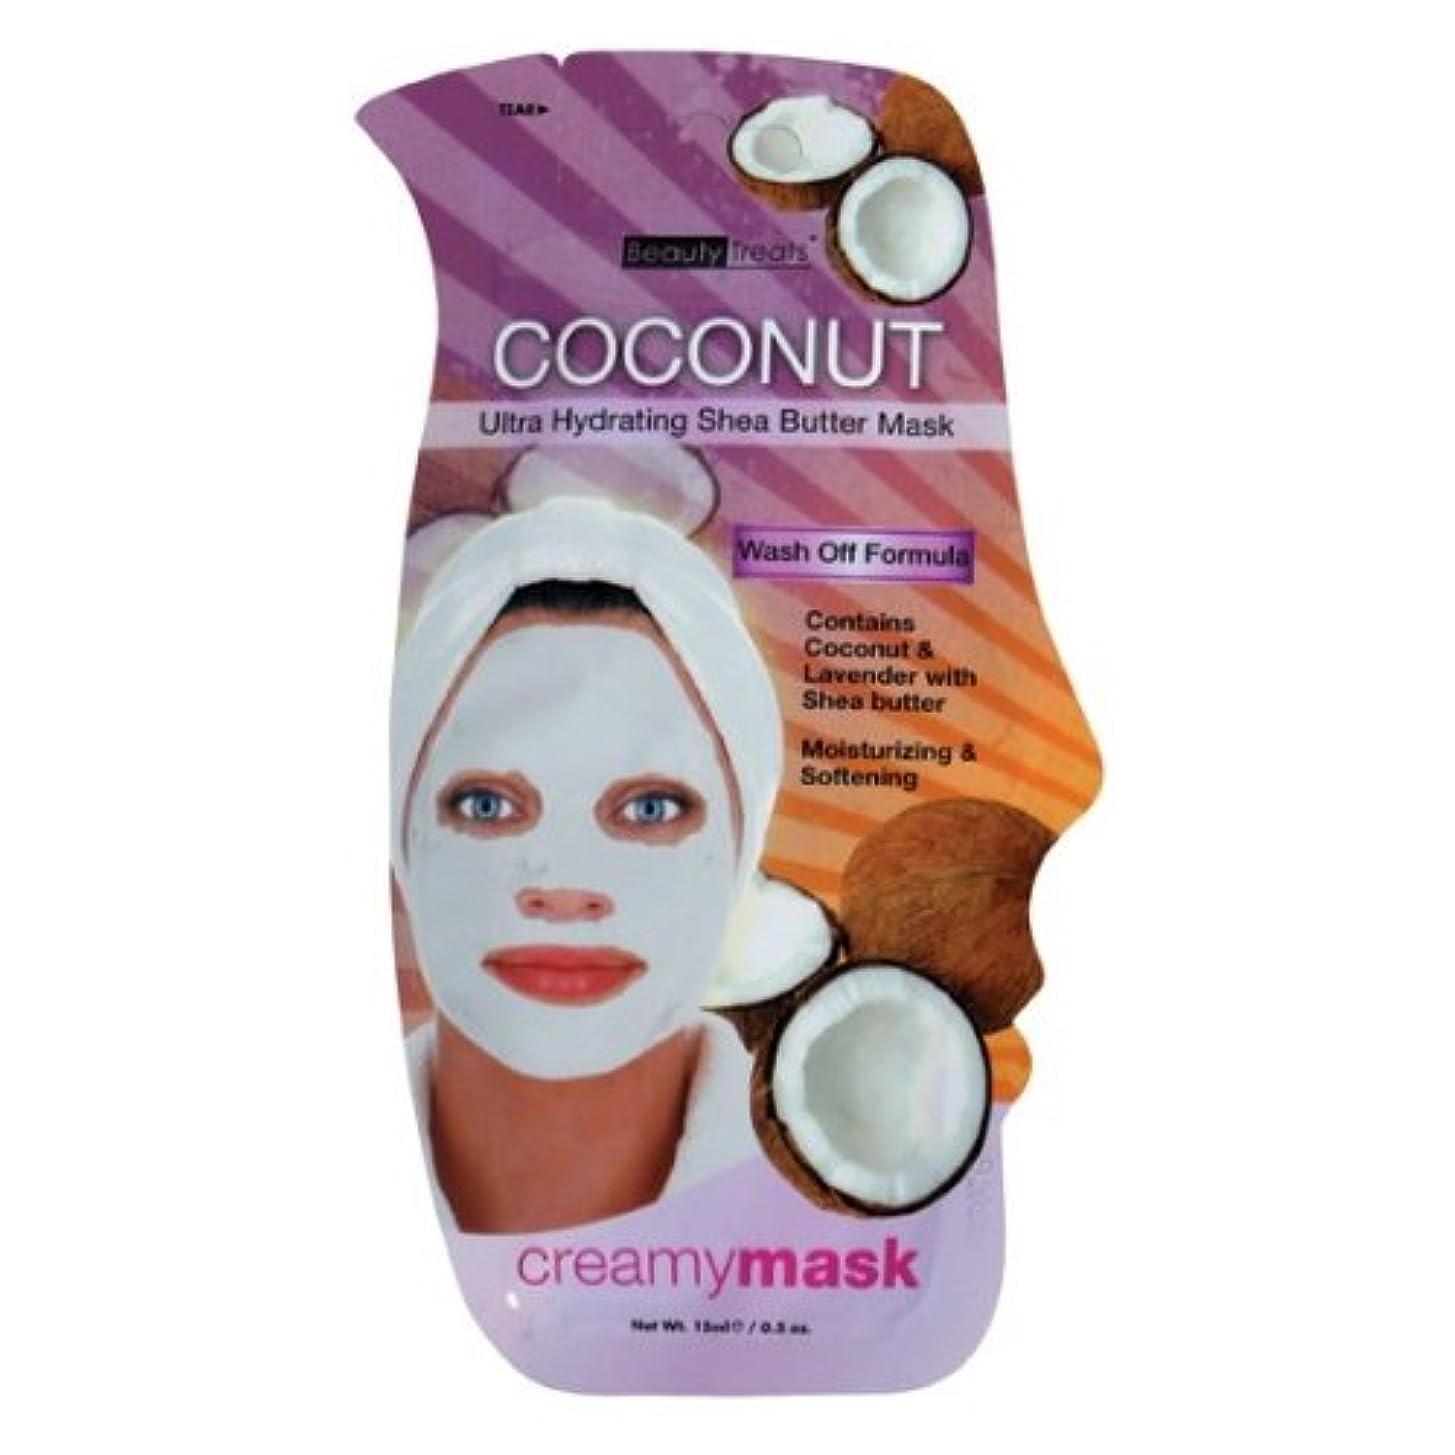 ラジウム太い上回る(3 Pack) BEAUTY TREATS Coconut Ultra Hydrating Shea Butter Mask - Coconut (並行輸入品)